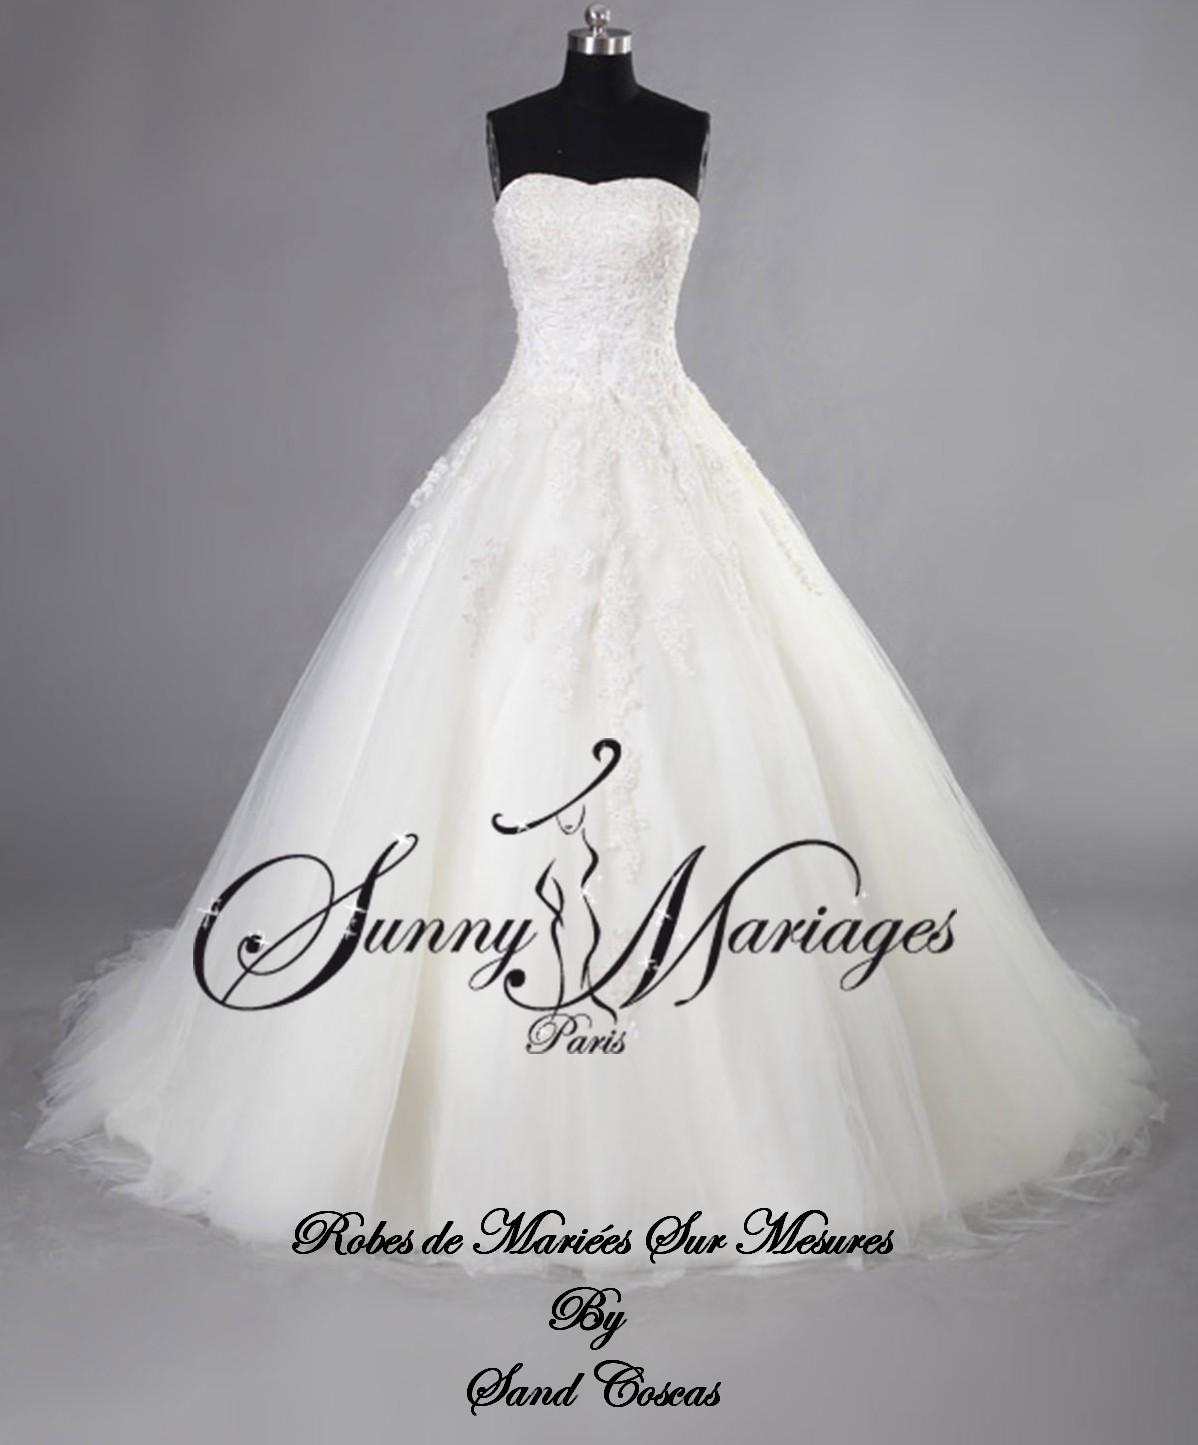 ... Mariage » robe de mariée » Robe de mariée princesse « Dalila